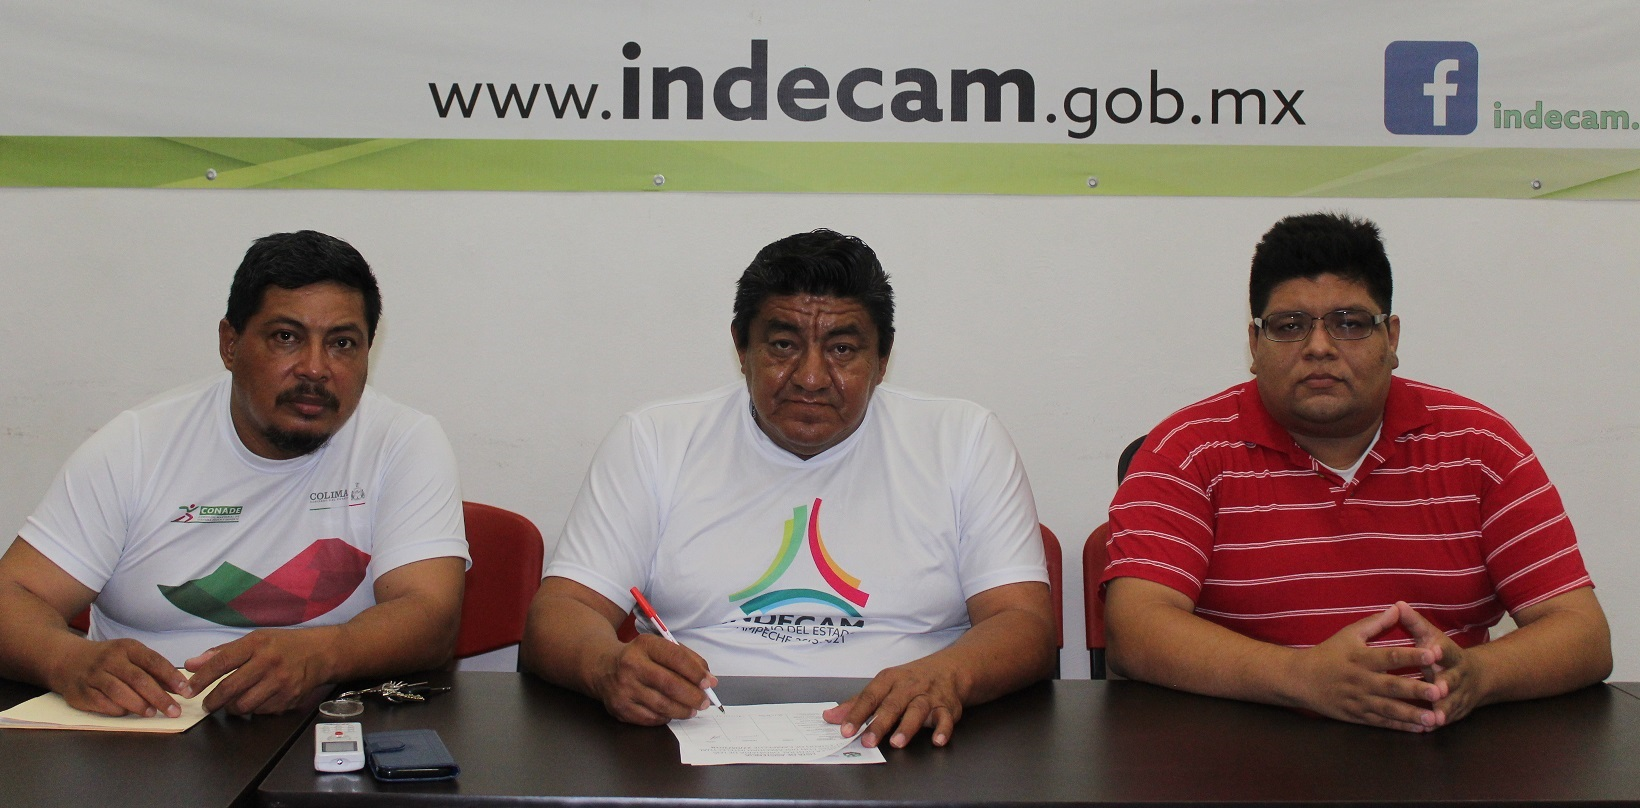 REALIZAN ASAMBLEA GENERAL ORDINARIA DE LOS DEPORTISTAS CON DISCAPACIDAD INTELECTUAL